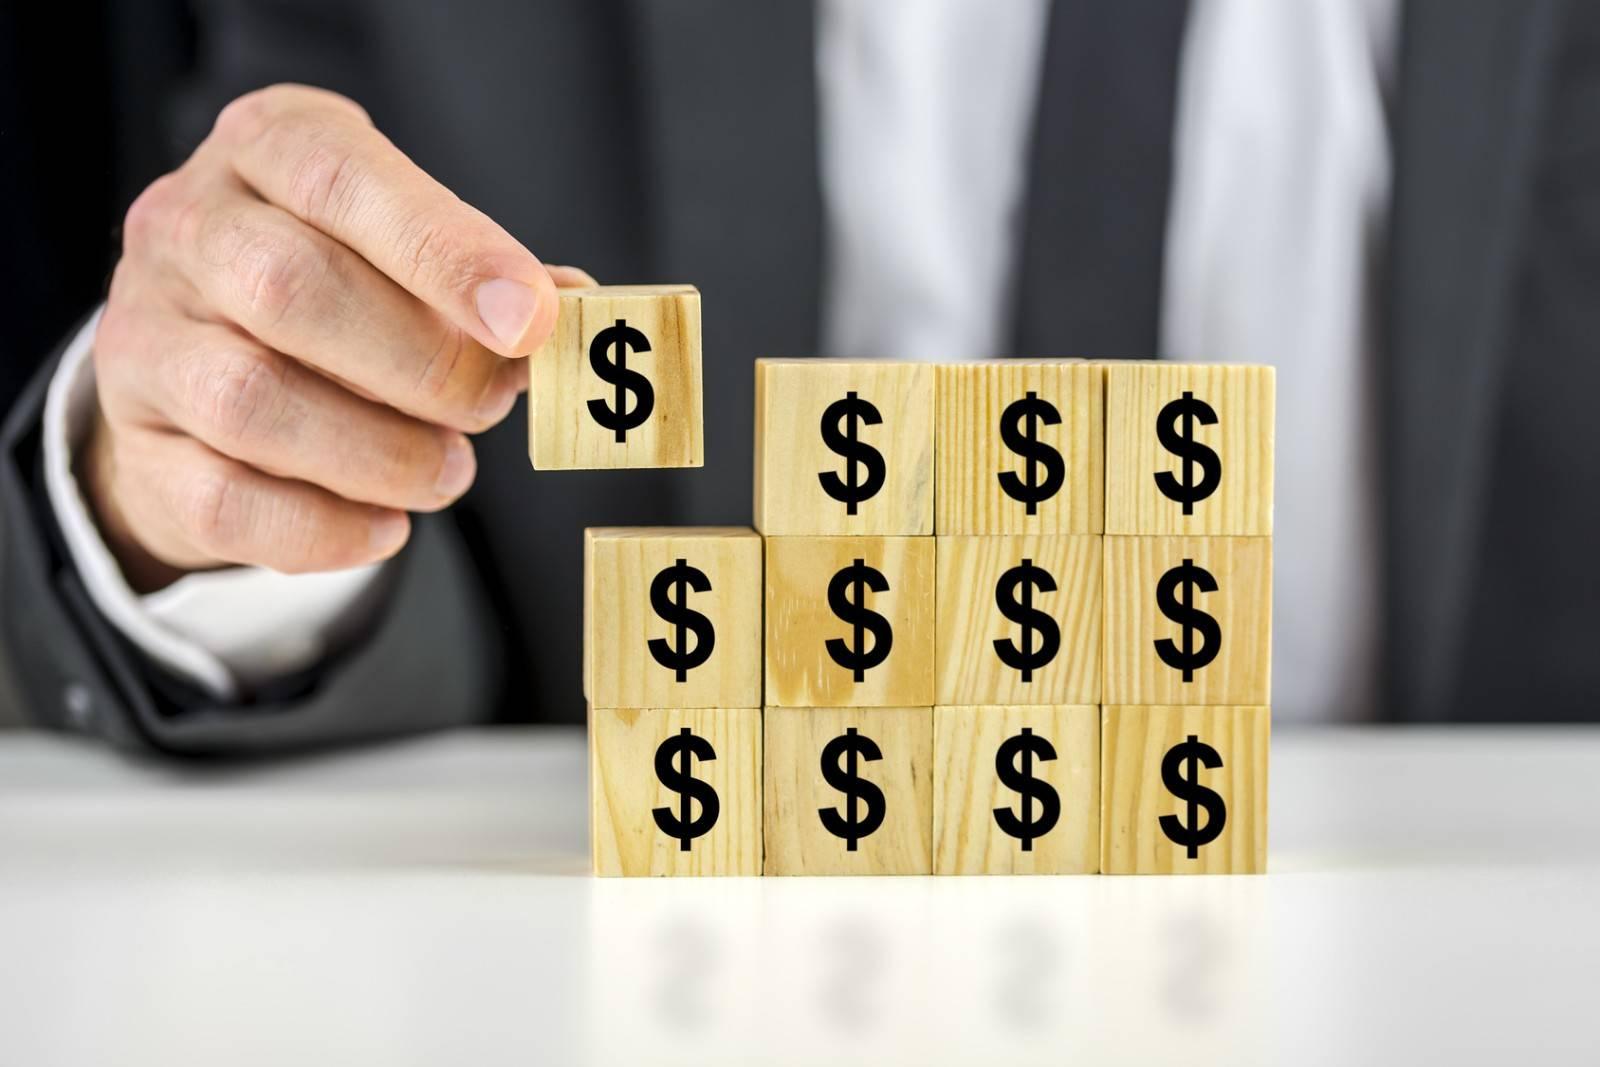 圆心财税|中小企业如何化解融资困难